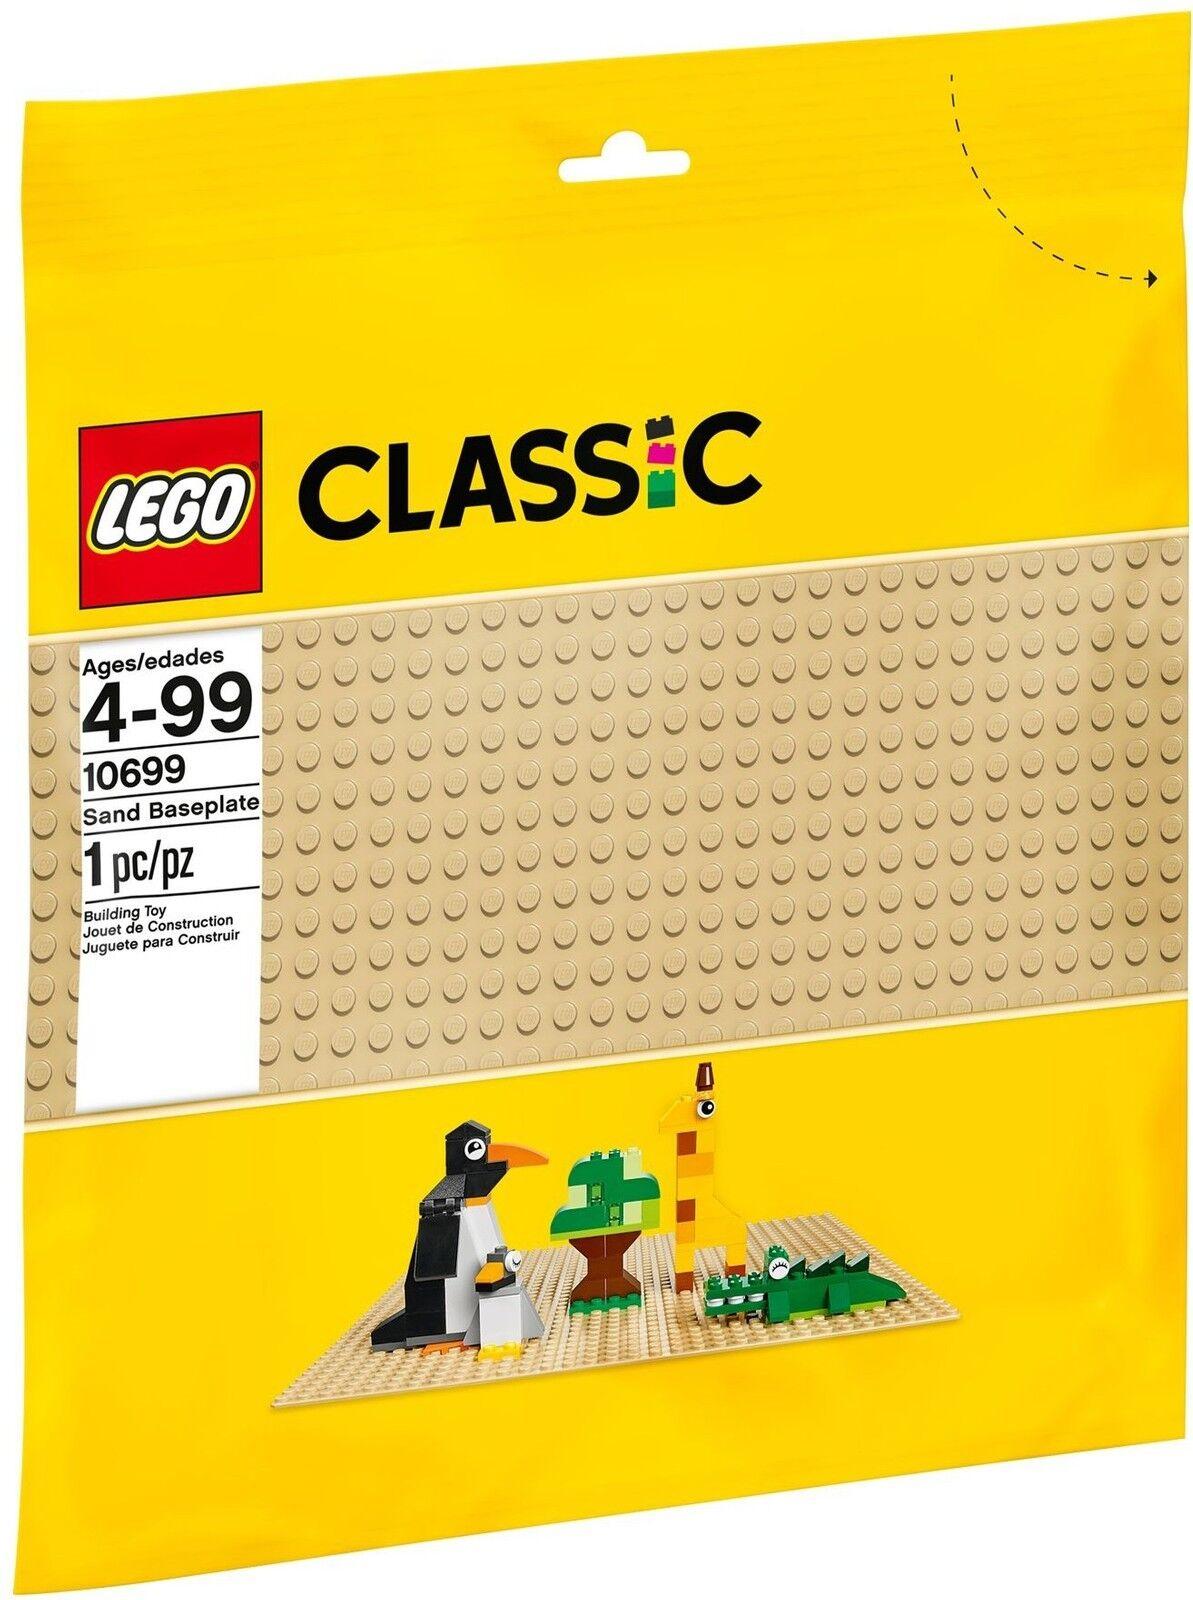 LEGO ® CLASSIC 10699 couleur couleur couleur plaque de base NOUVEAU neuf dans sa boîte _ Sable plaque NEW En parfait état, dans sa boîte scellée Boîte d'origine jamais ouverte 0b5a43